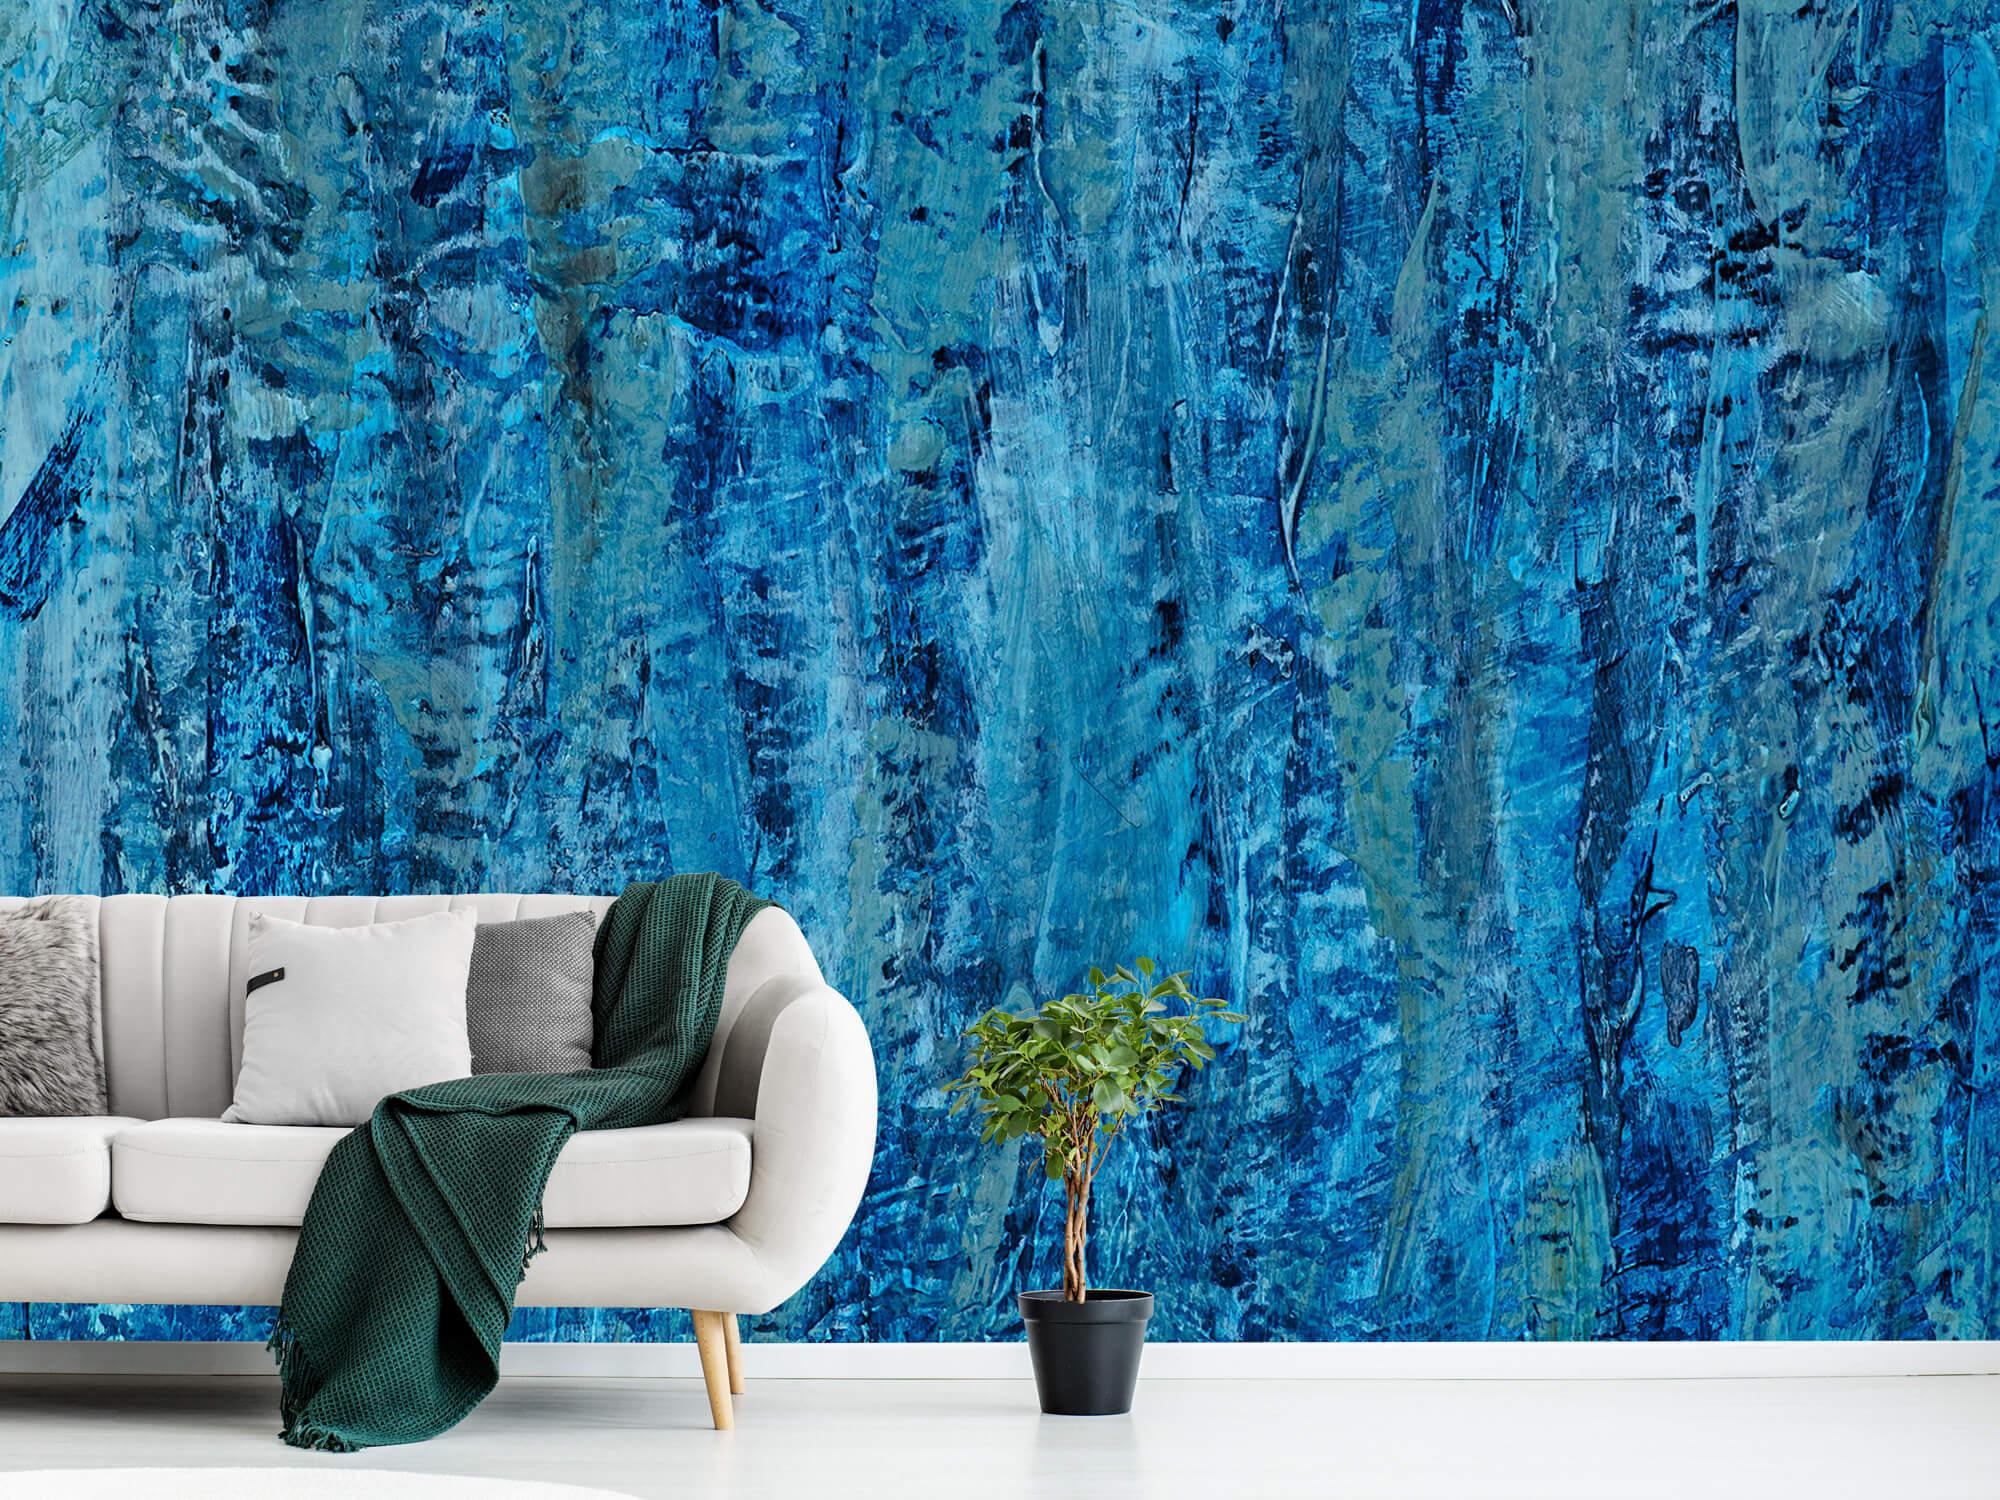 Art Schilderij met blauwtinten 9